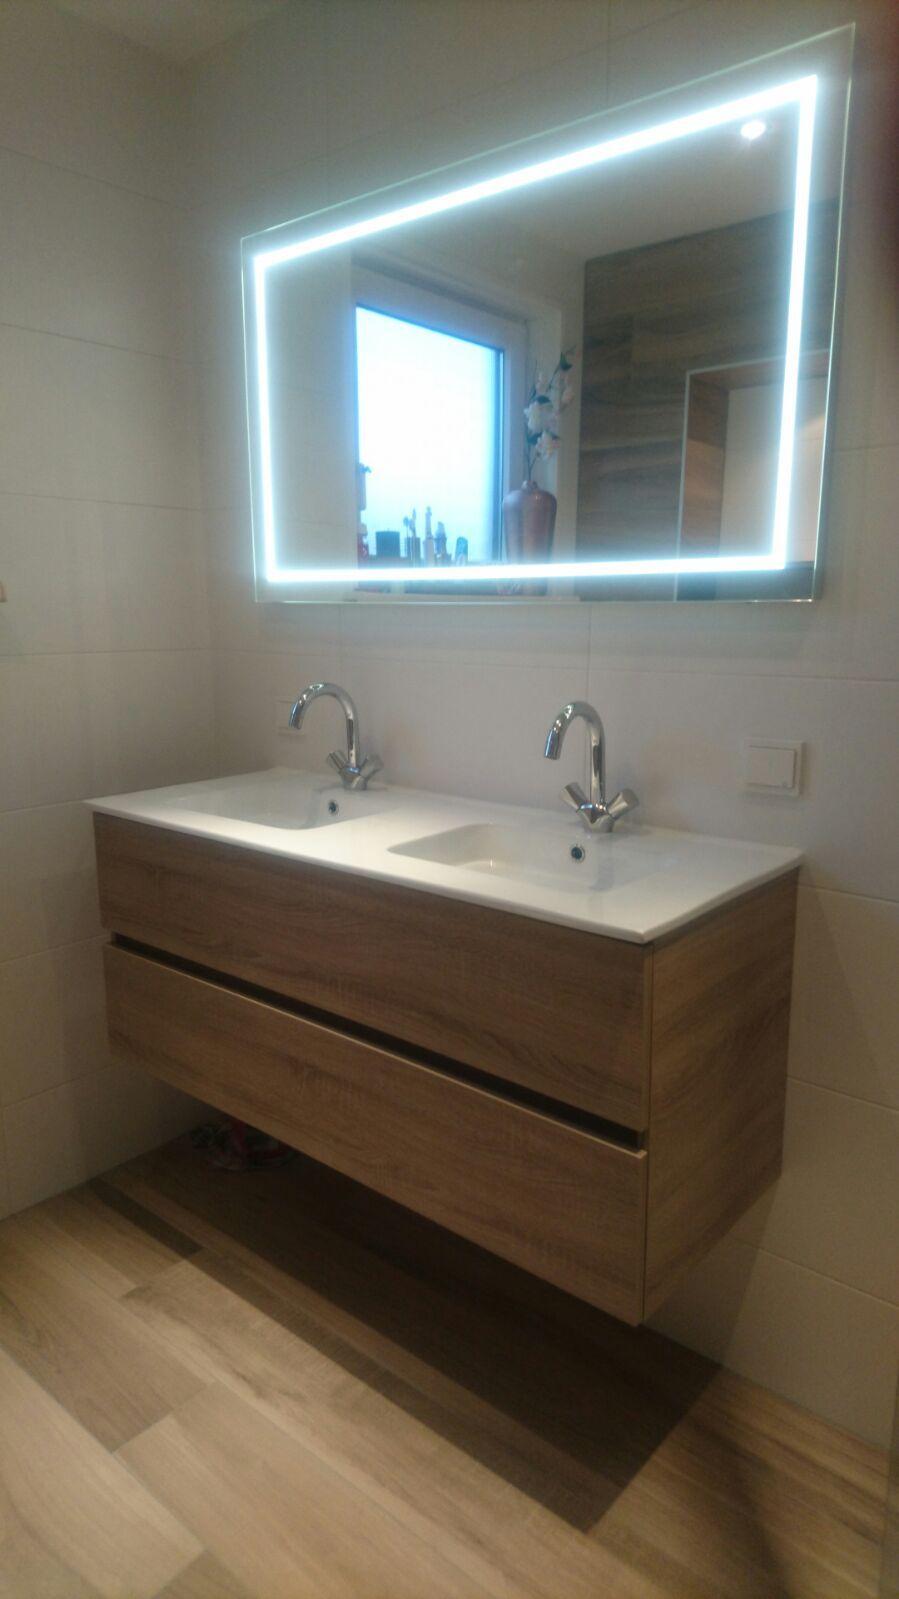 Modern badkamer meubel in hout kleur met dubbele wastafel en spiegel ...